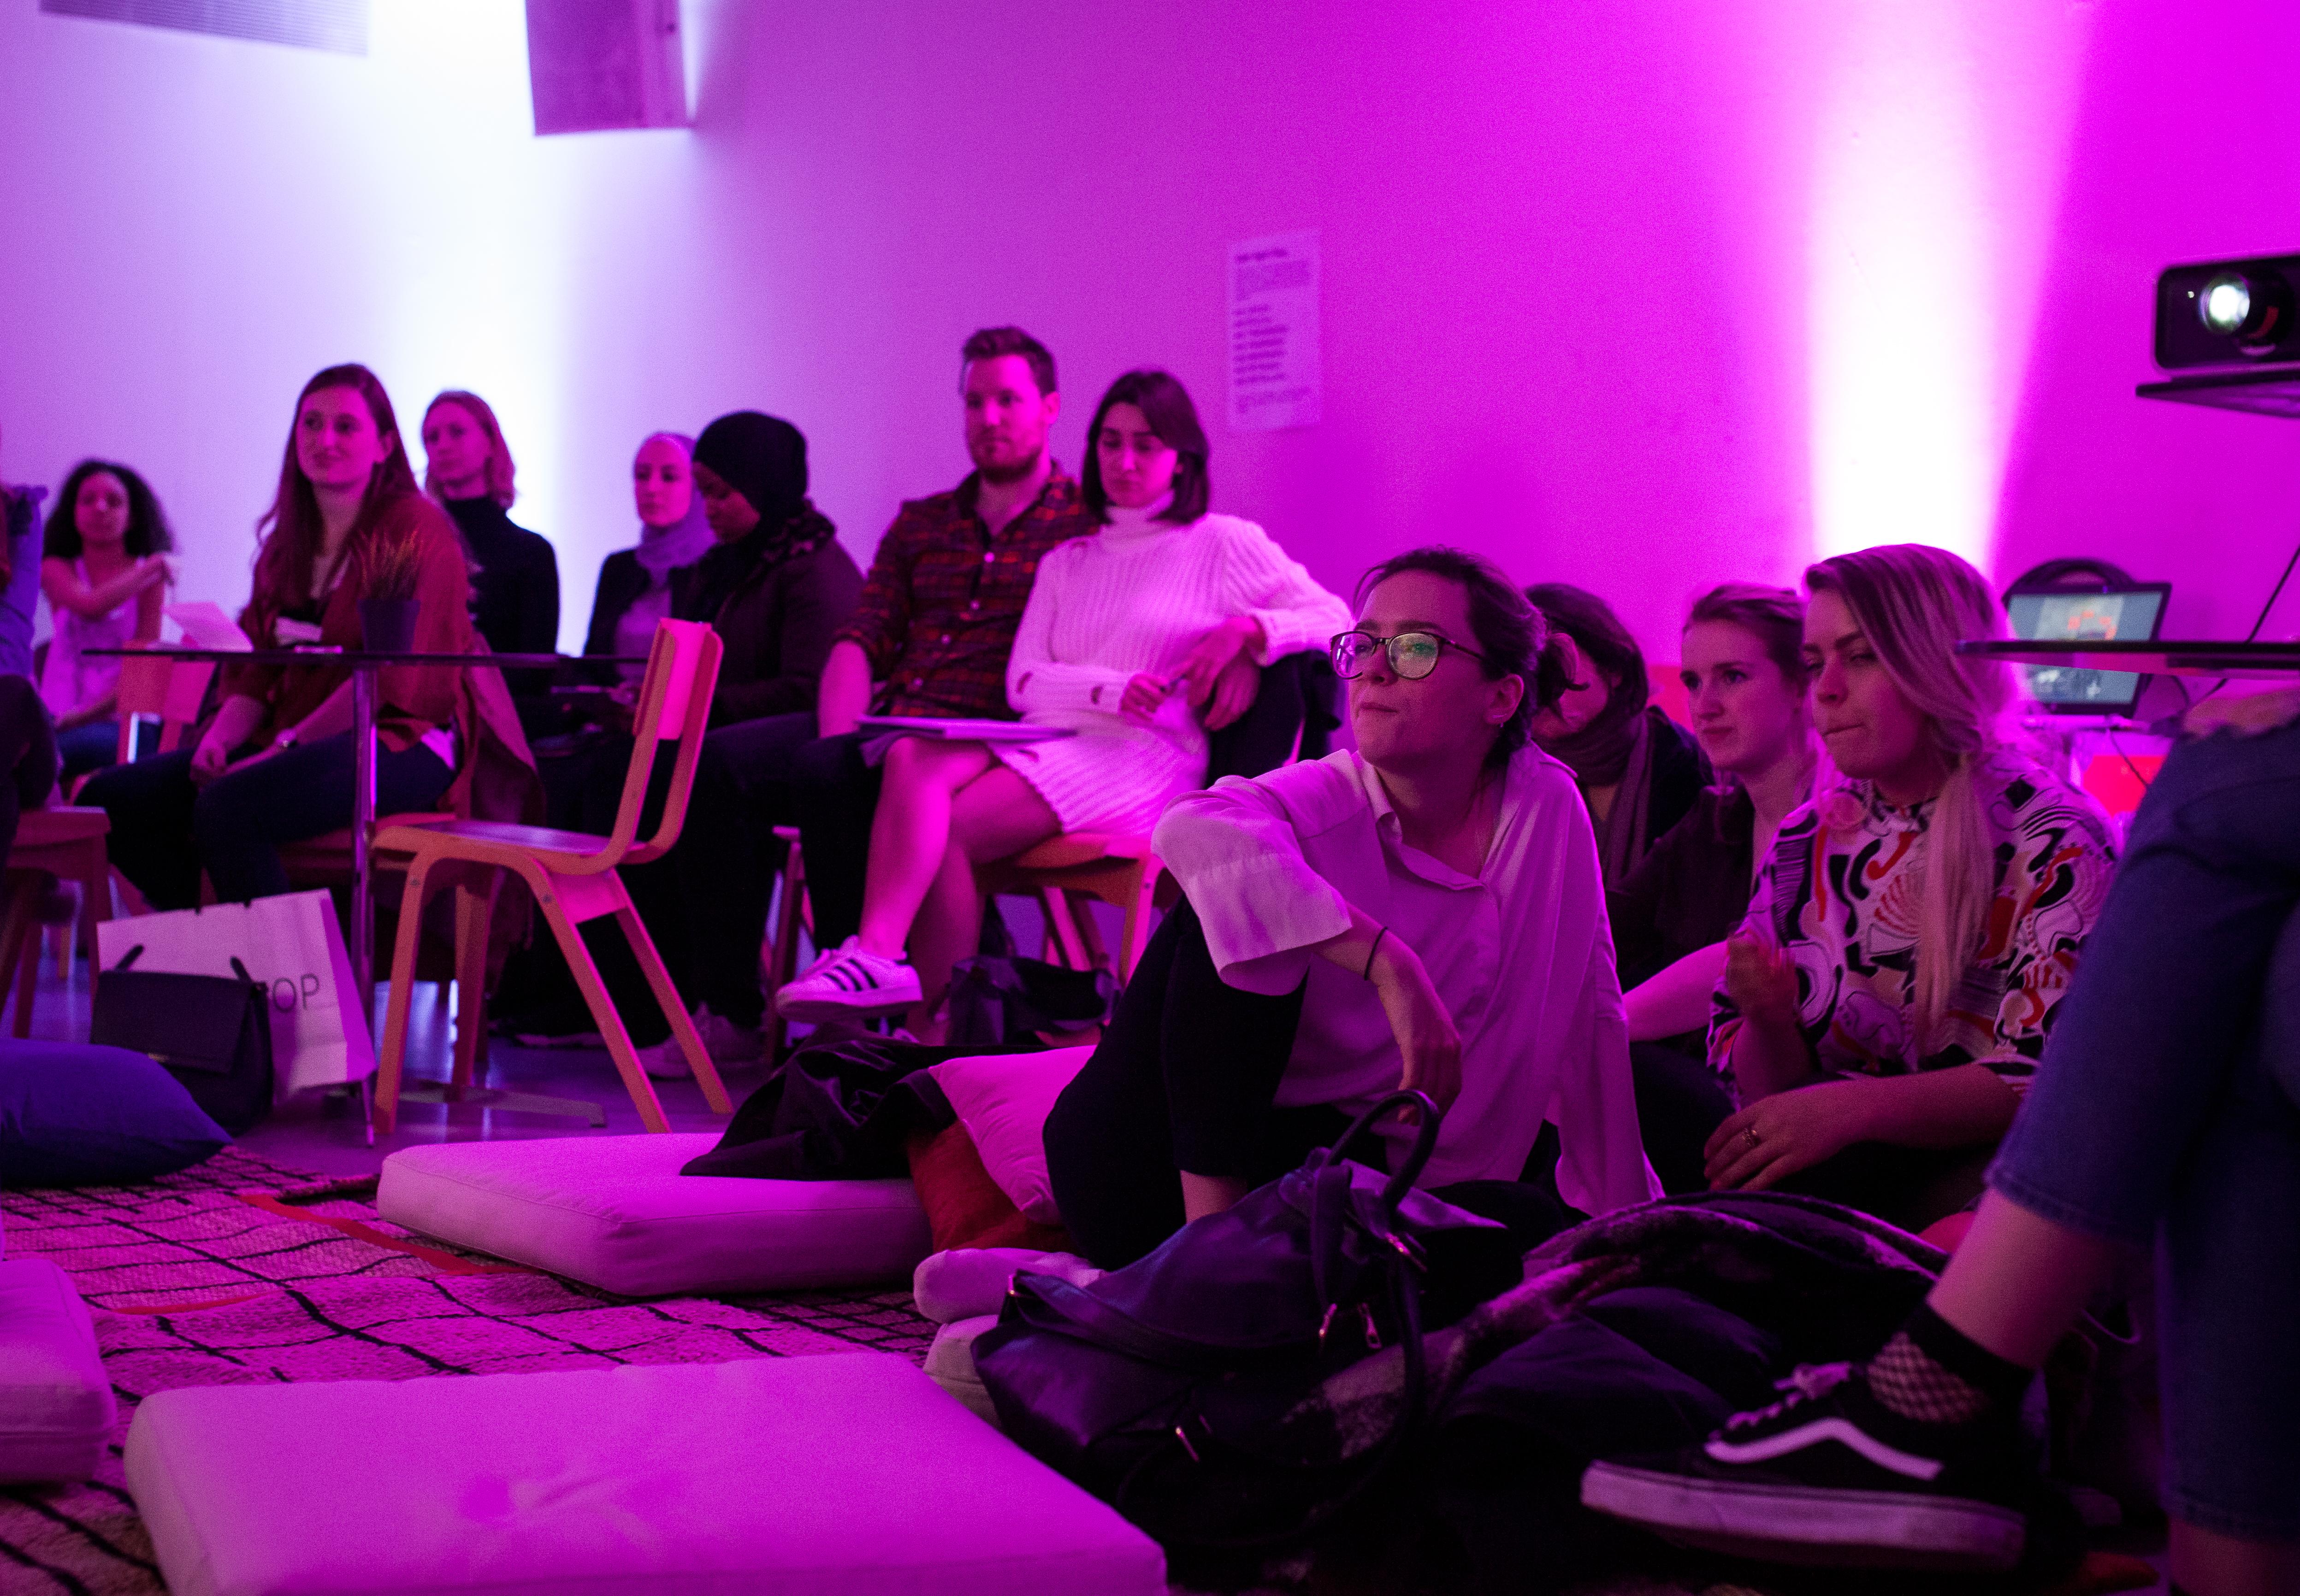 Violet Nights, audience